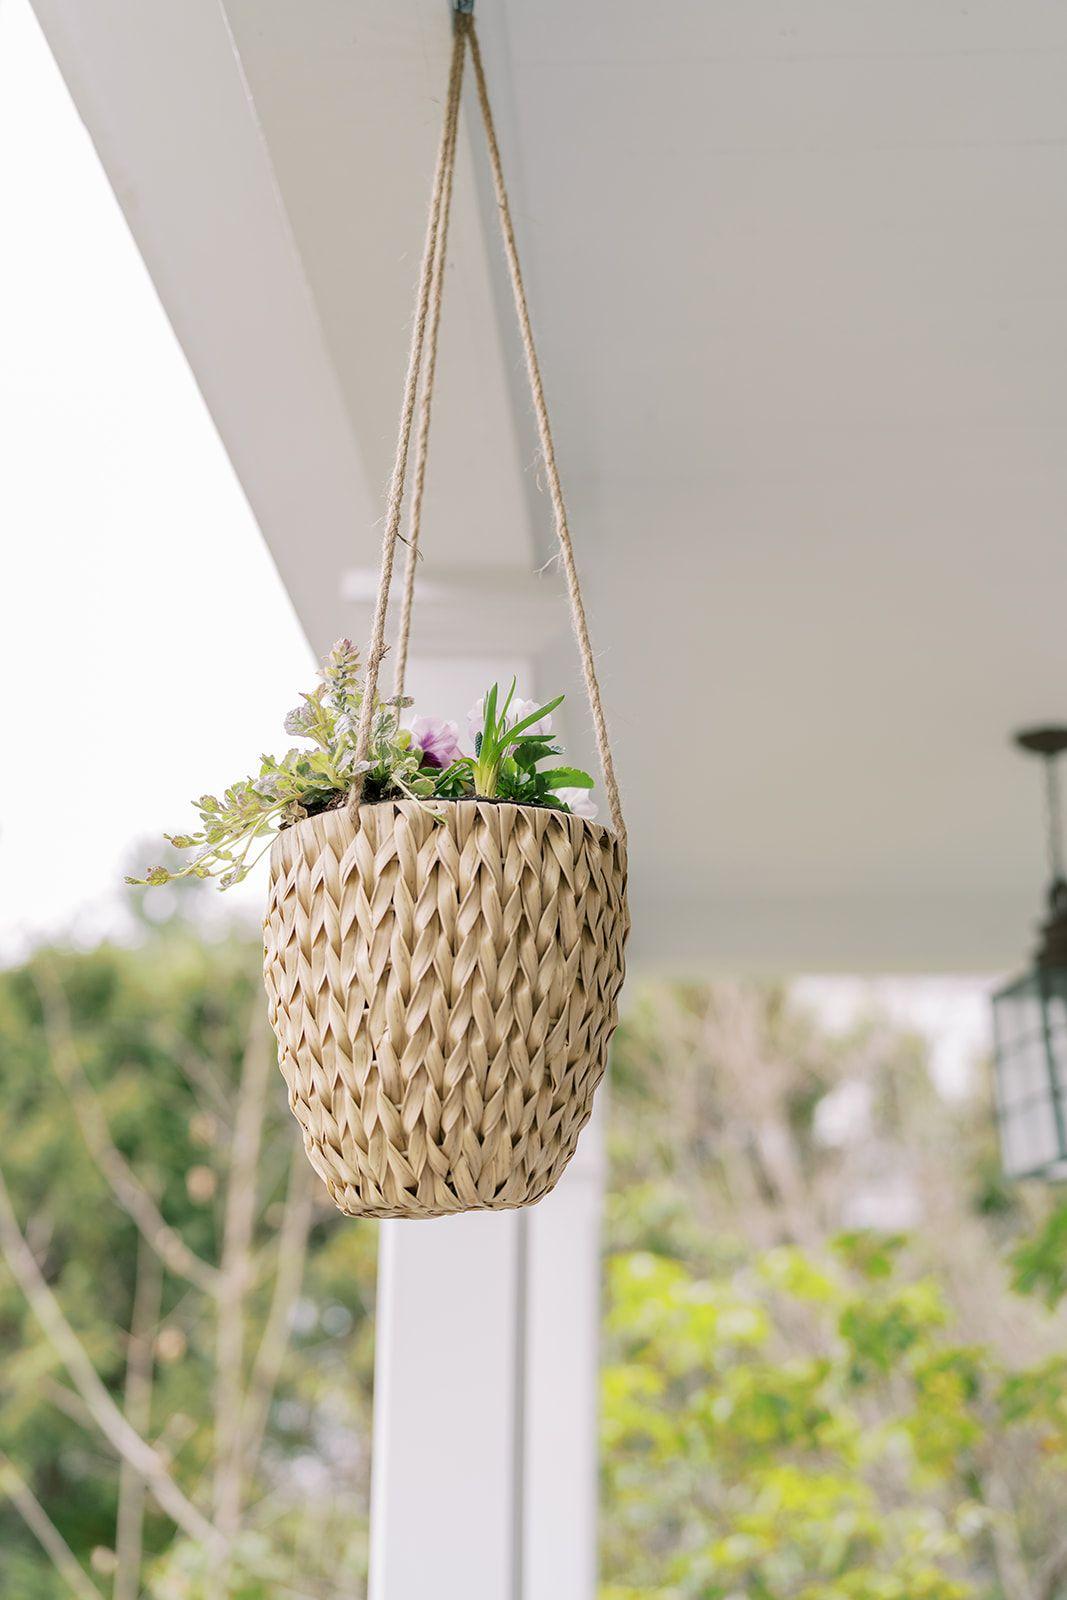 hanging baskets